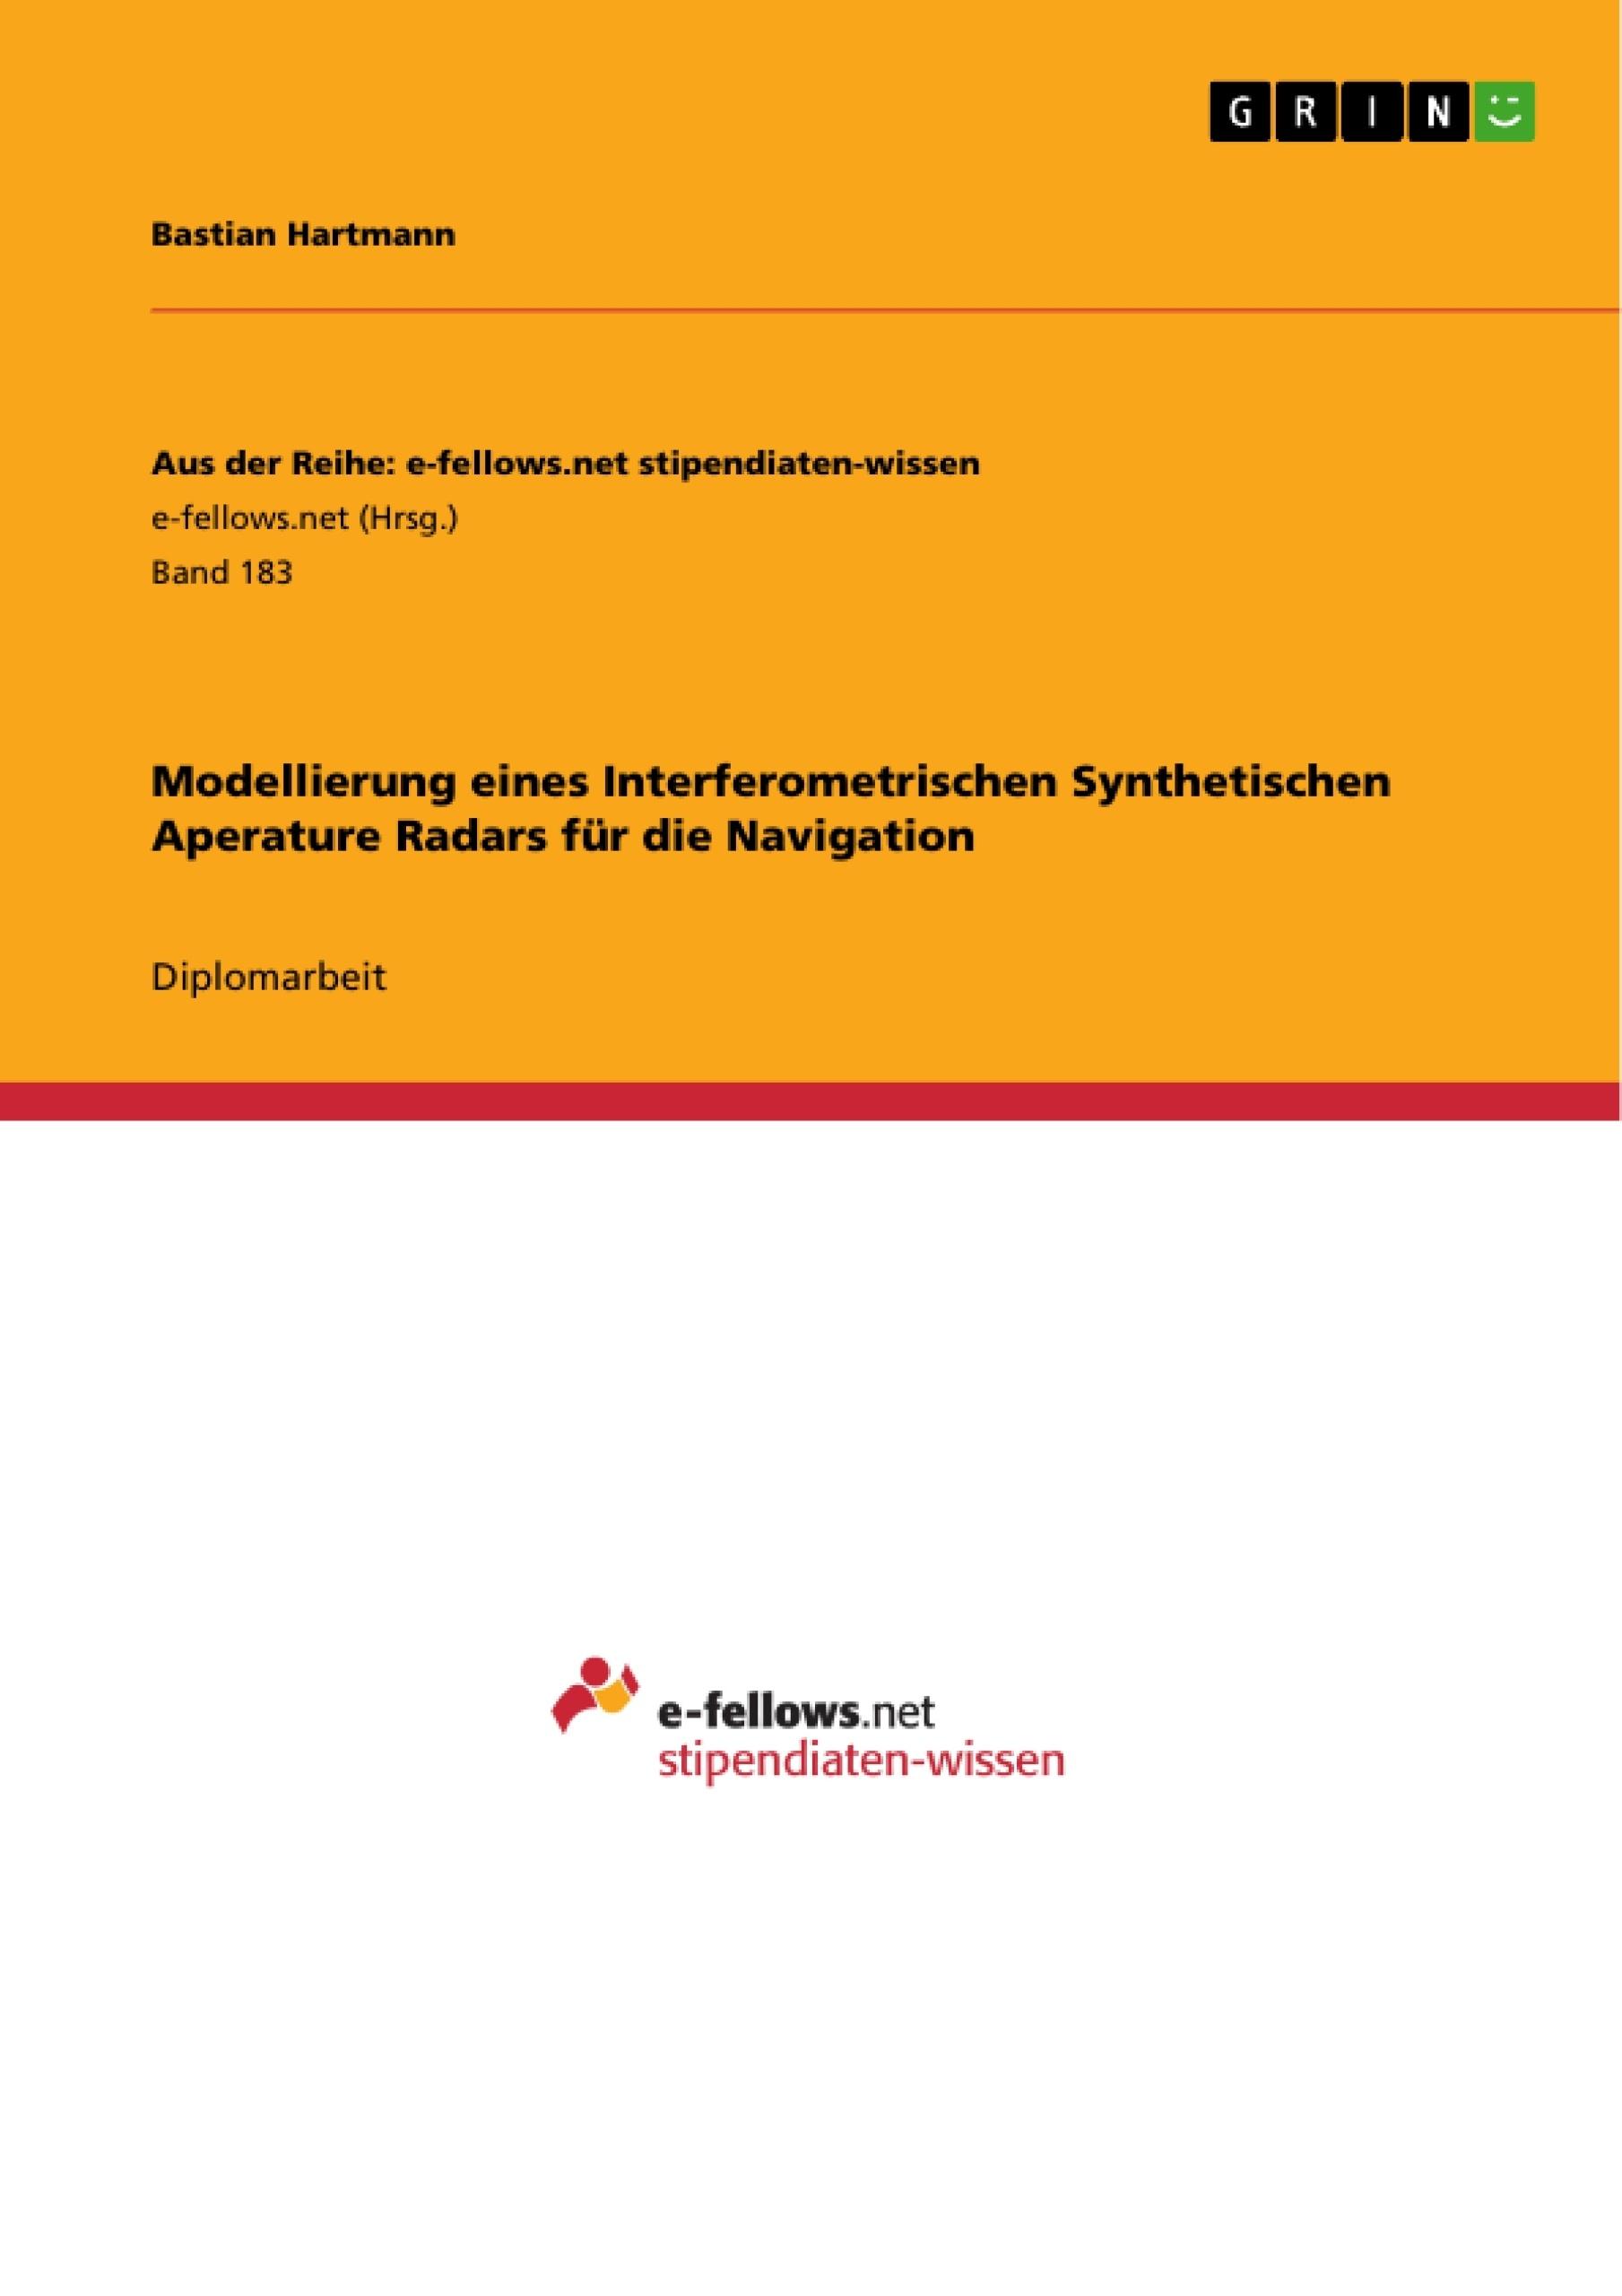 Titel: Modellierung eines Interferometrischen Synthetischen Aperature Radars für die Navigation